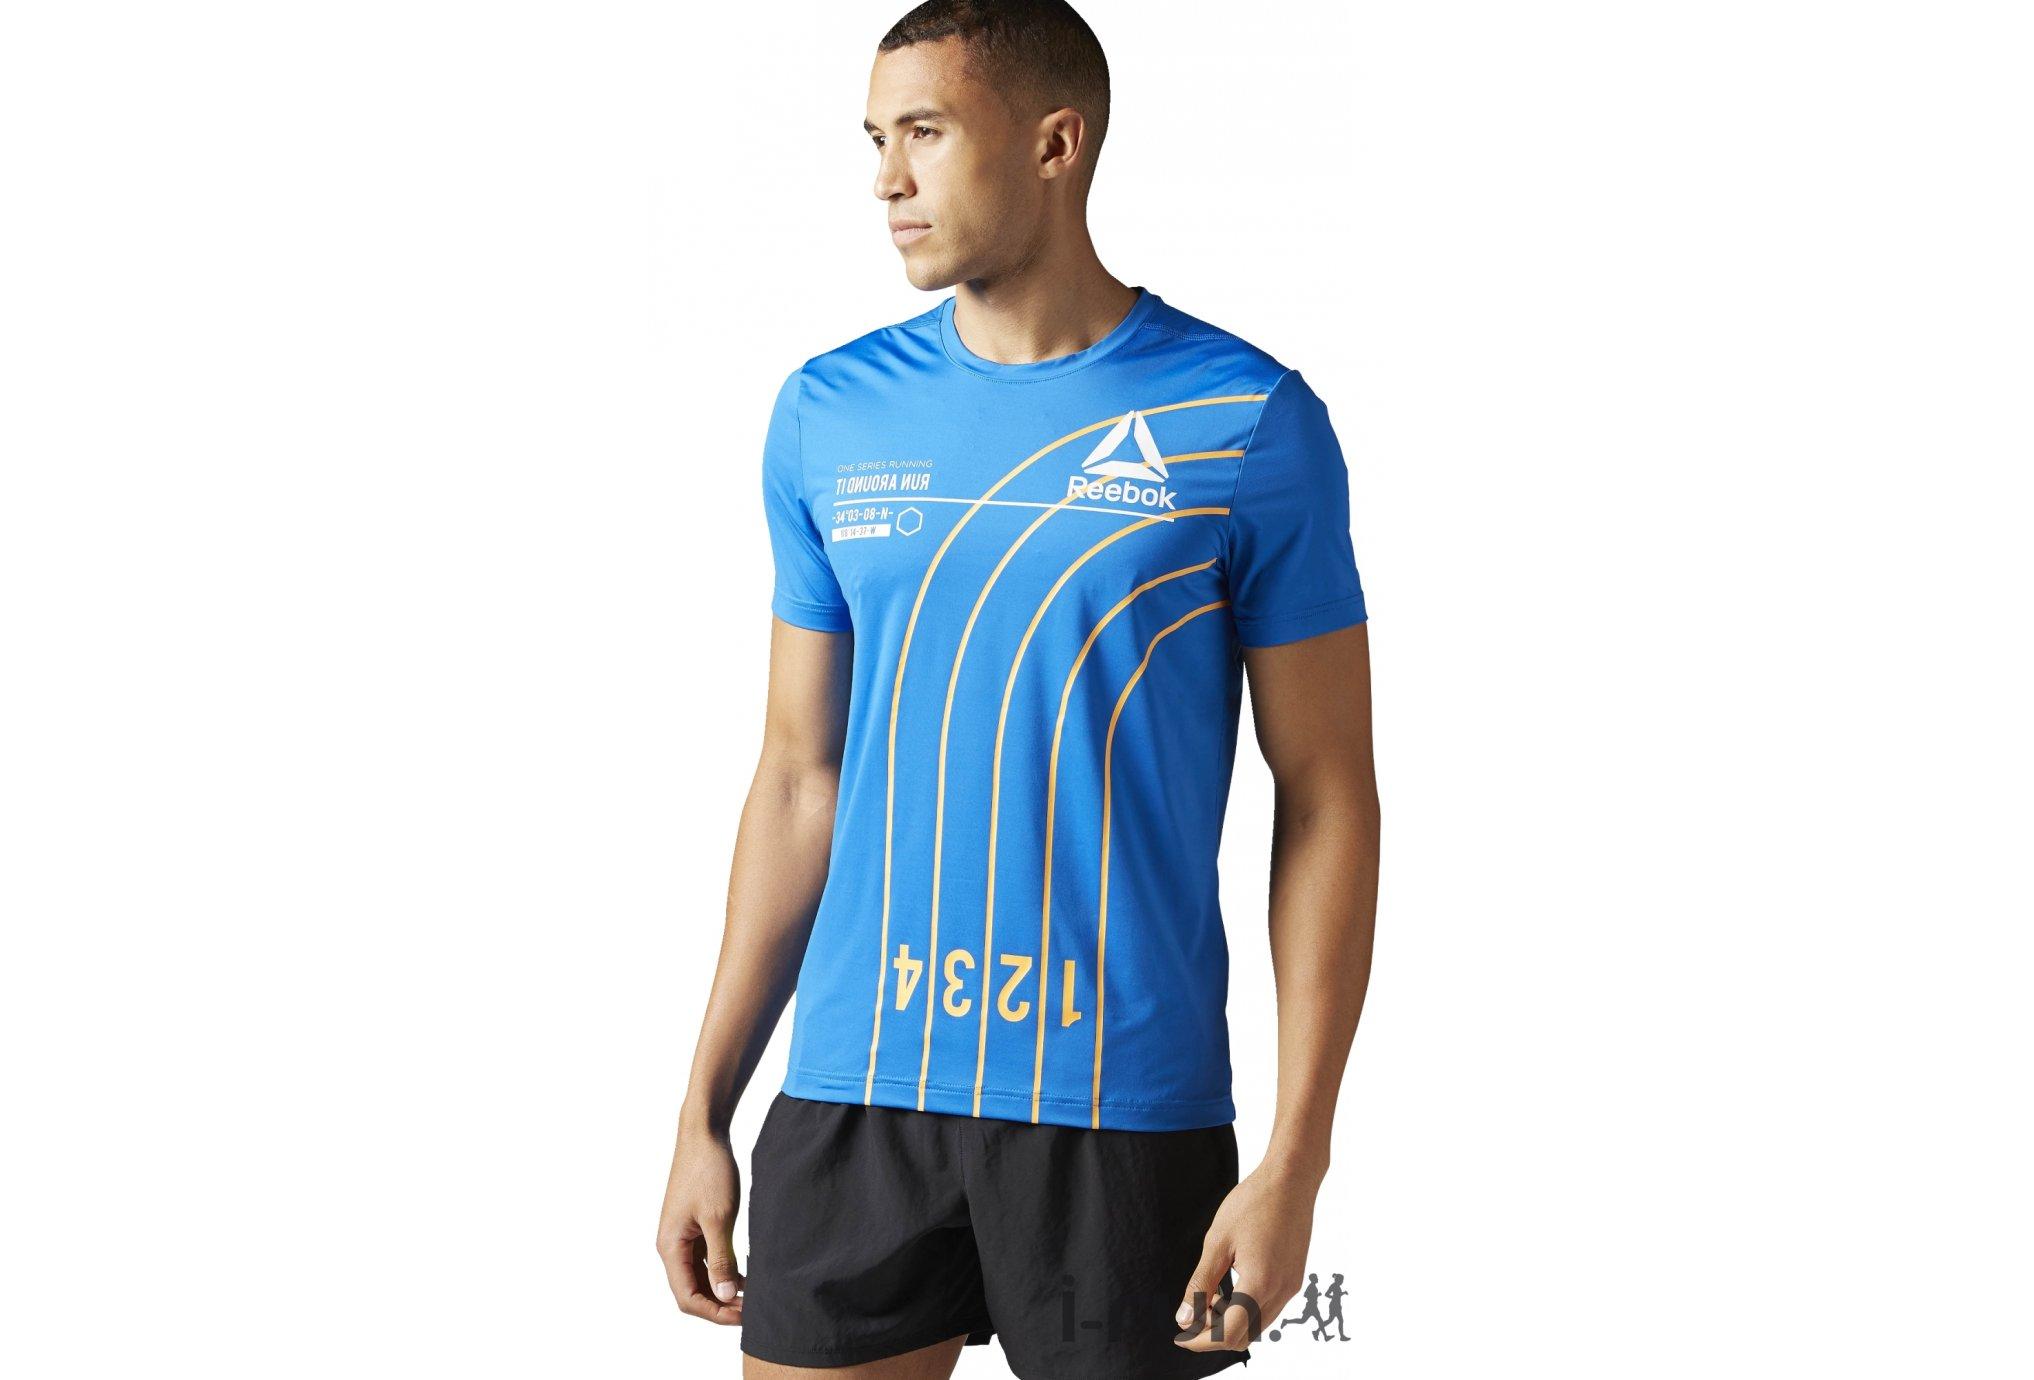 Reebok Running M vêtement running homme